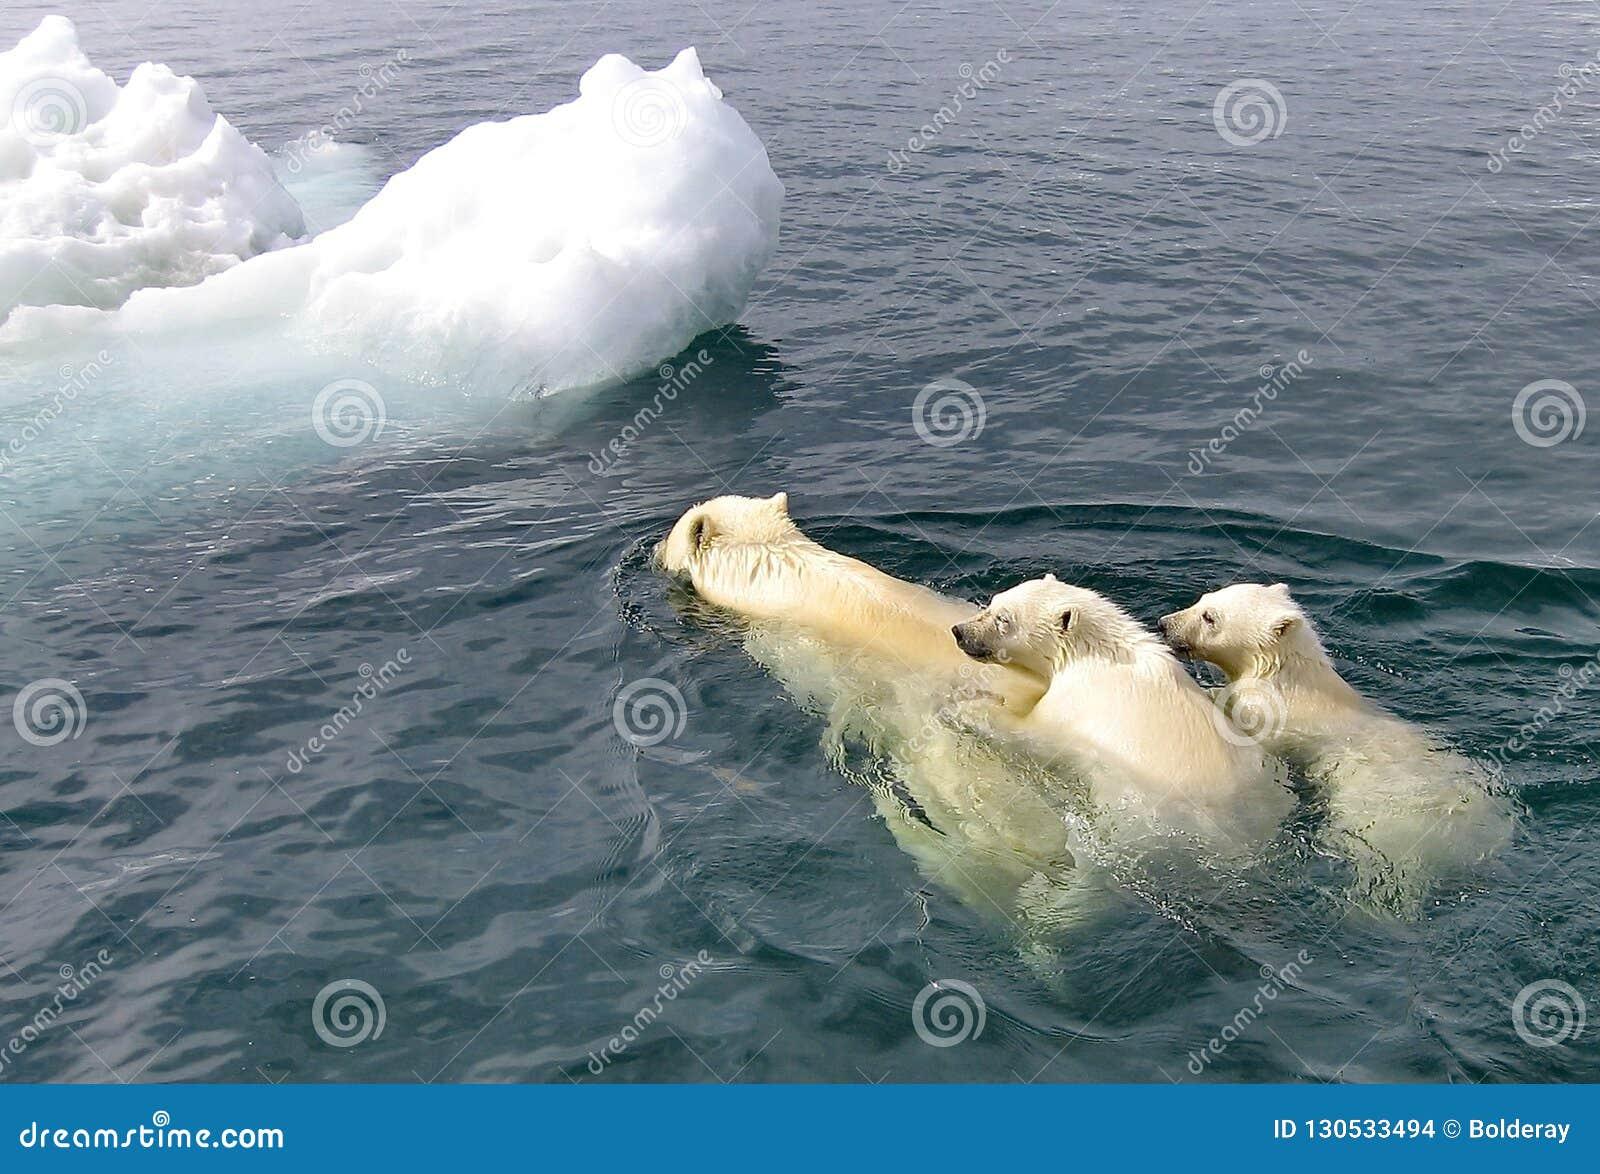 与崽浮游物的白色她熊在白令海 一头北极熊,一头北熊,一umka拉特 熊属类maritimus